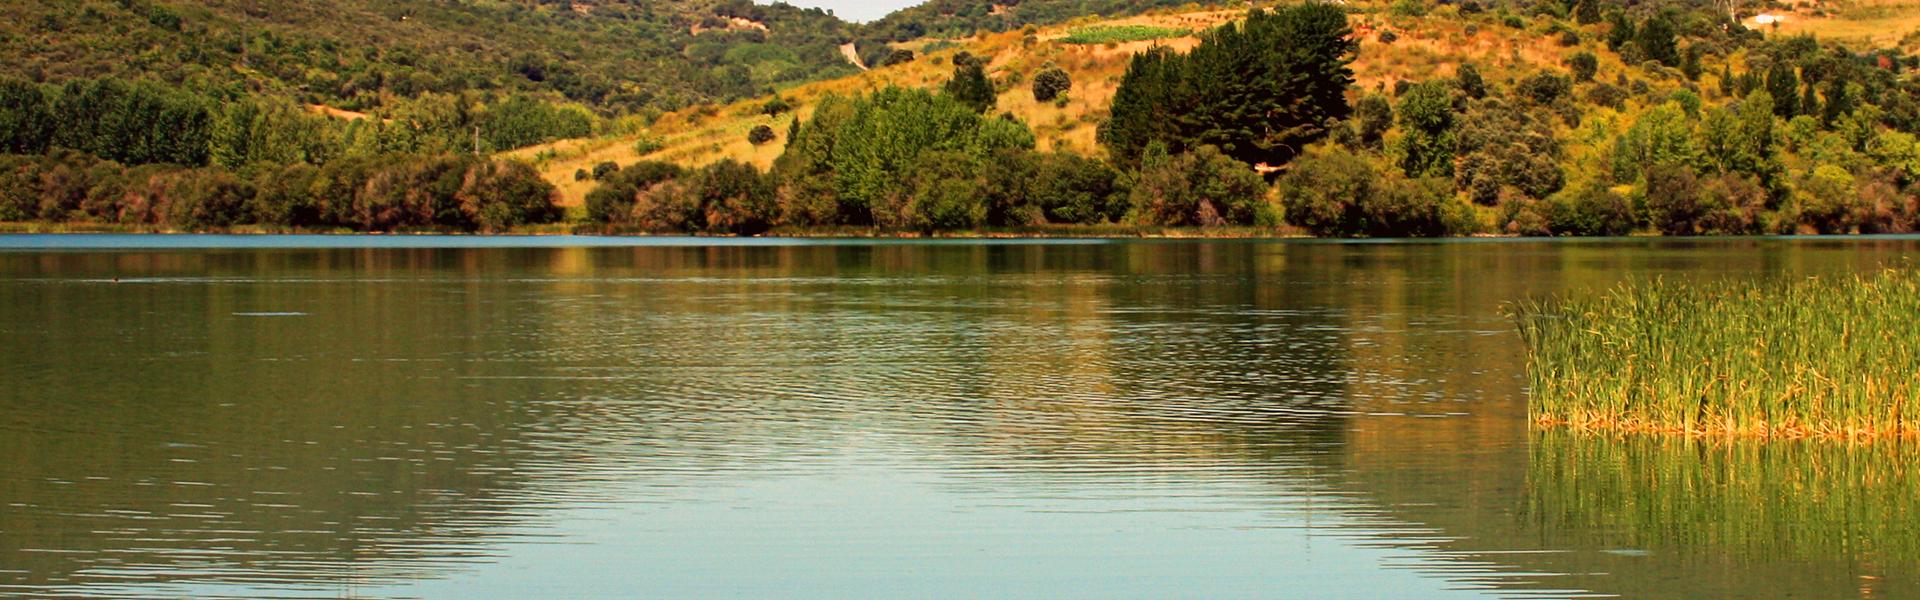 lagos-lagunas-leon